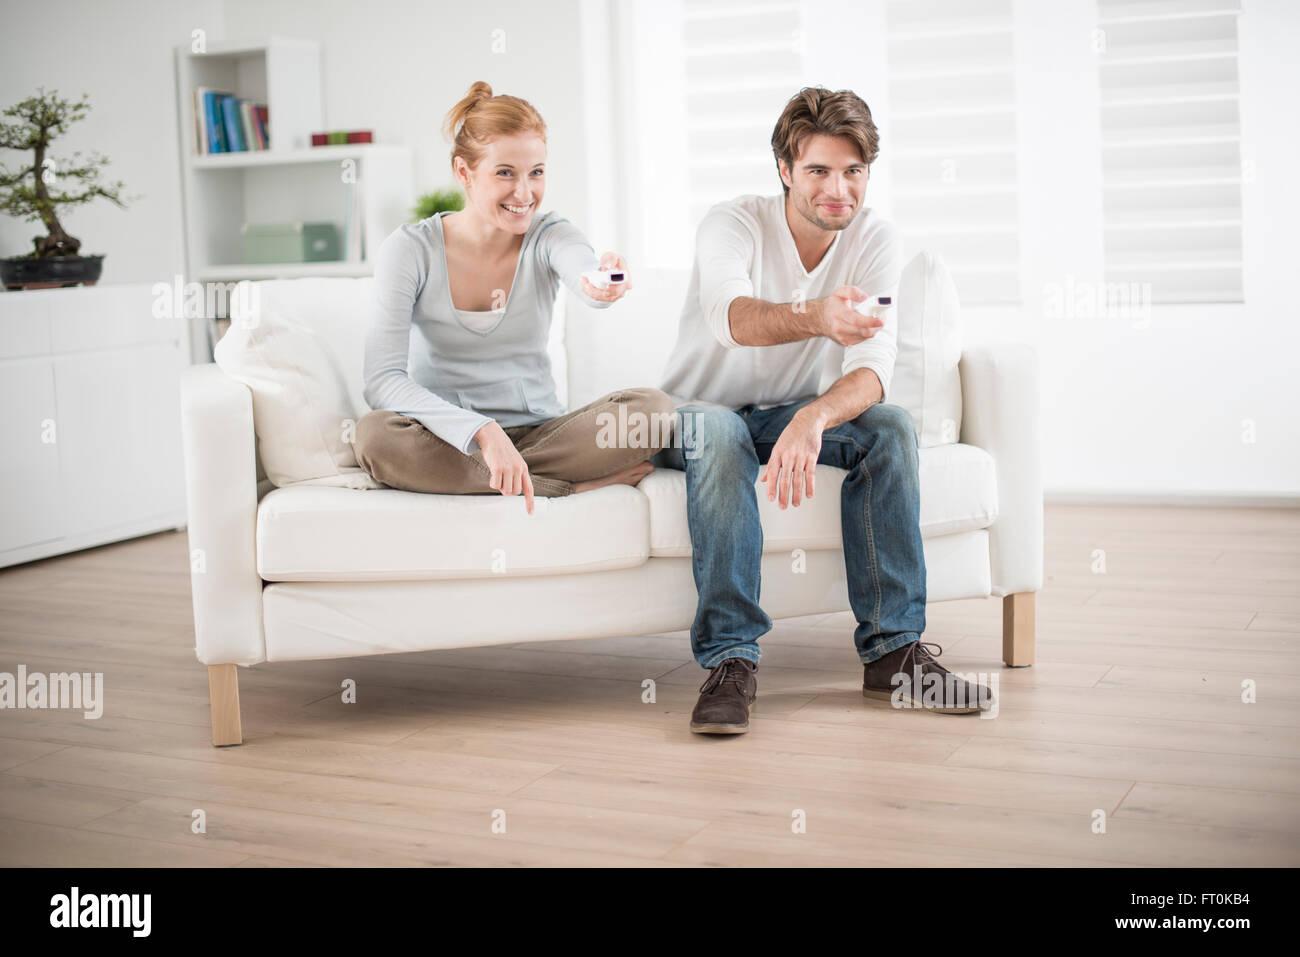 Cheerful couple jouer au jeu vidéo sur un canapé Photo Stock